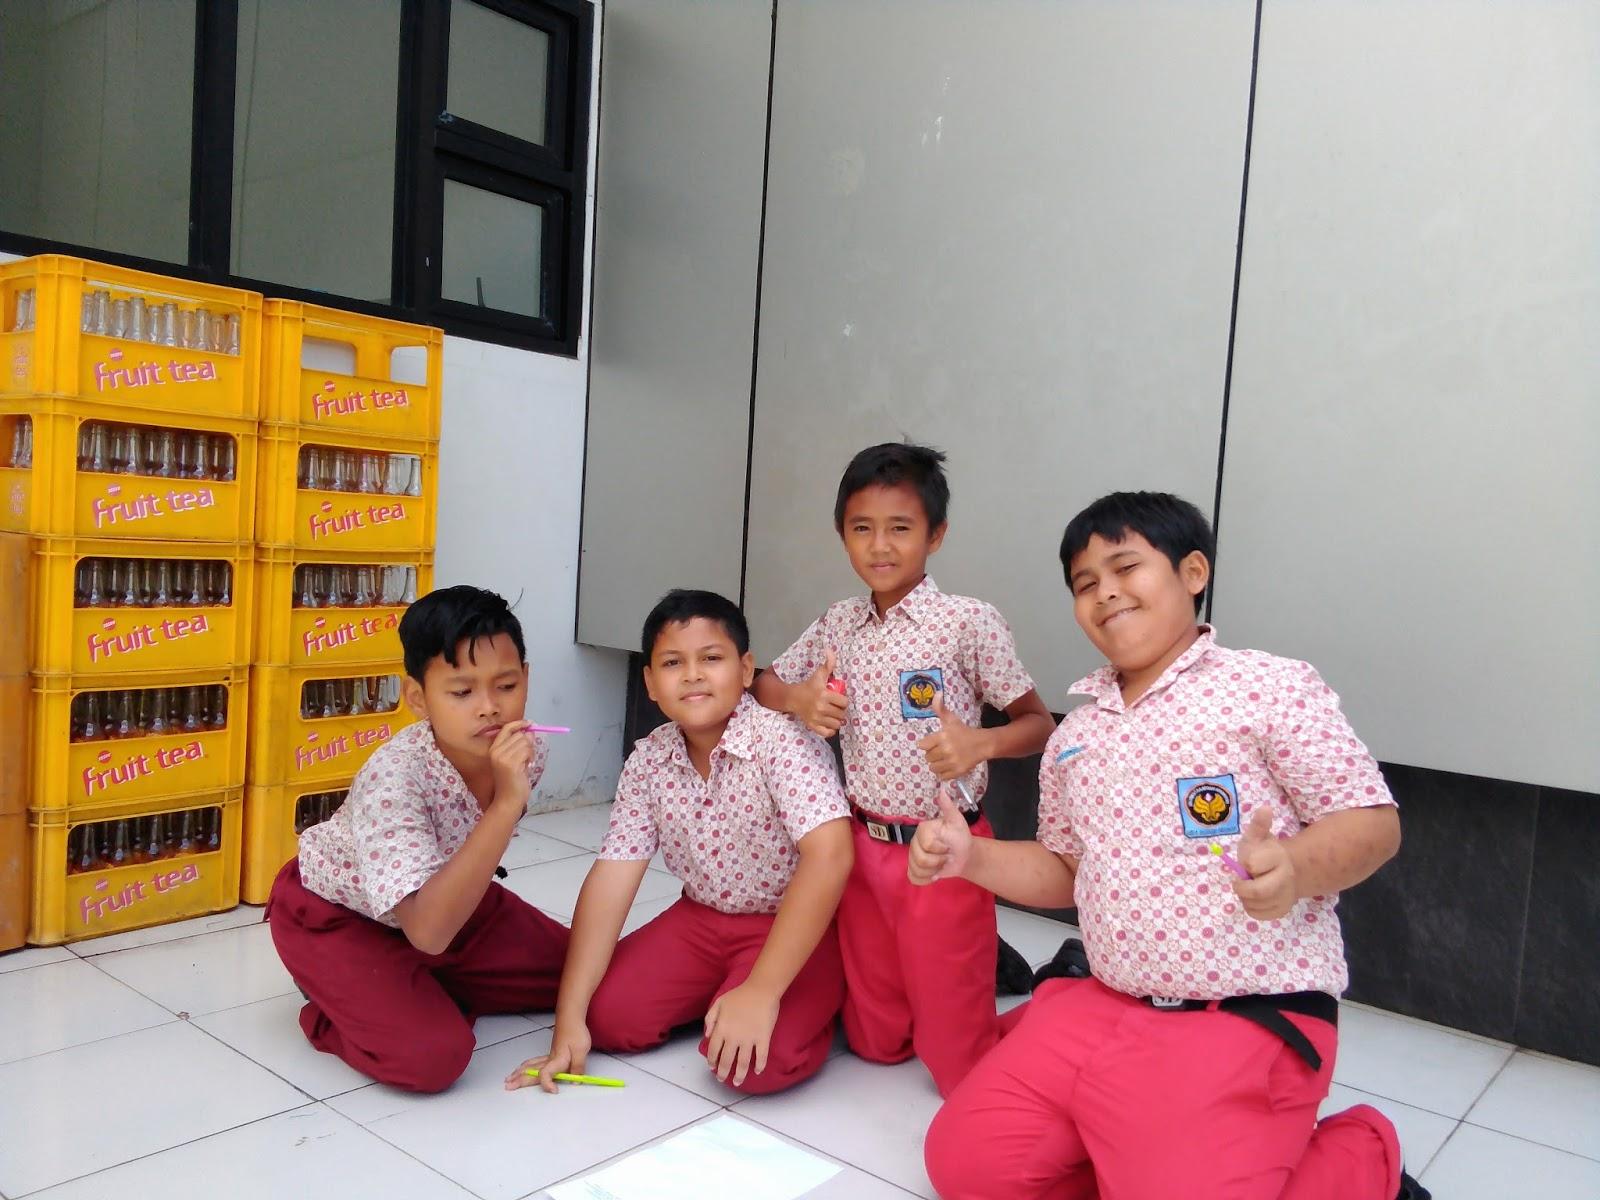 Contoh Laporan Pengamatan Laporan Pengamatan Di Kantin Sd Labschool